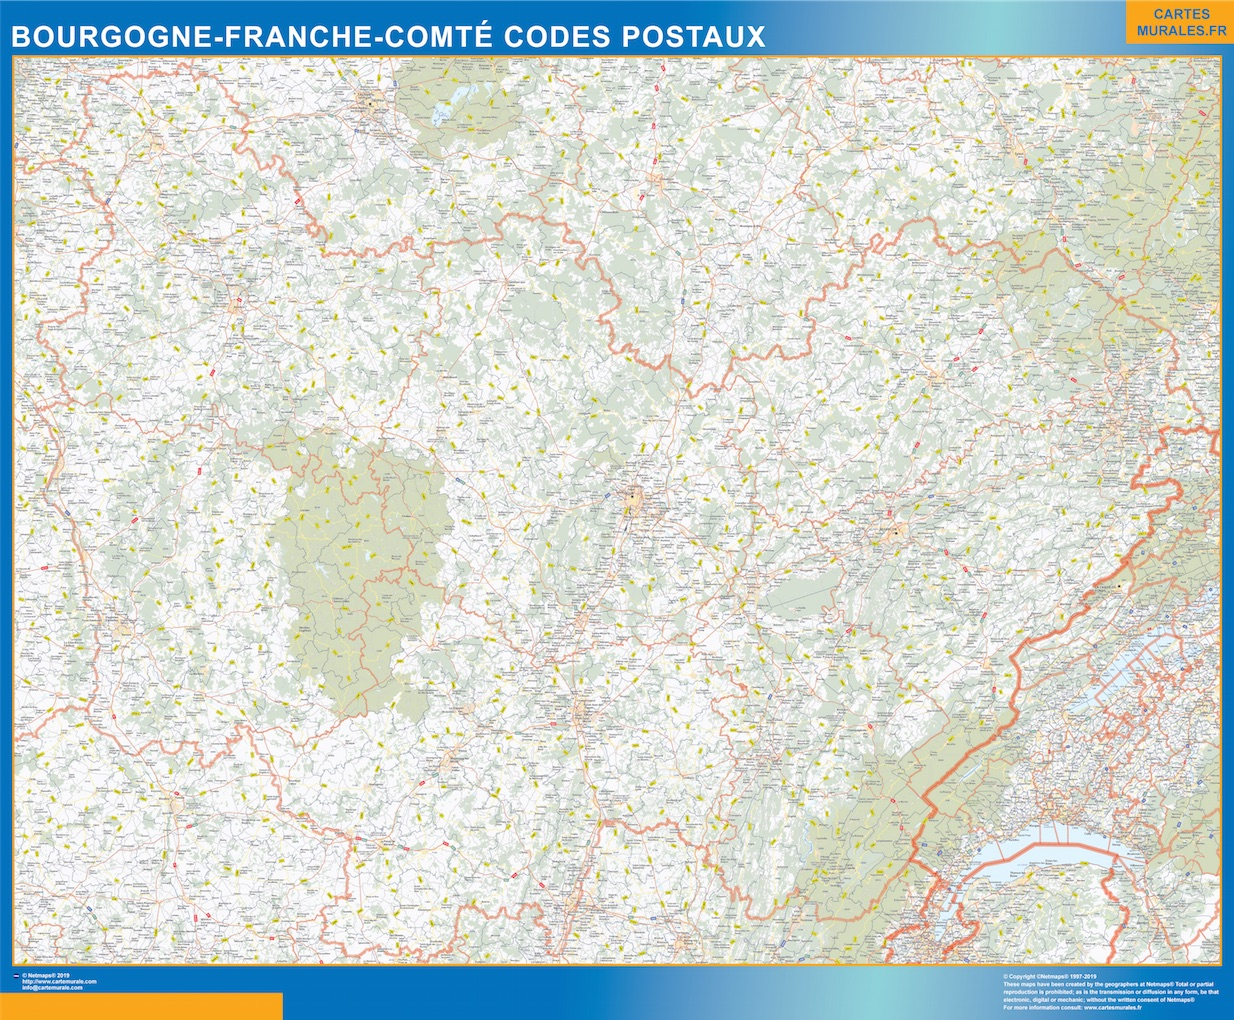 Región Bourgogne Franche Comte codigos postales plastificado gigante